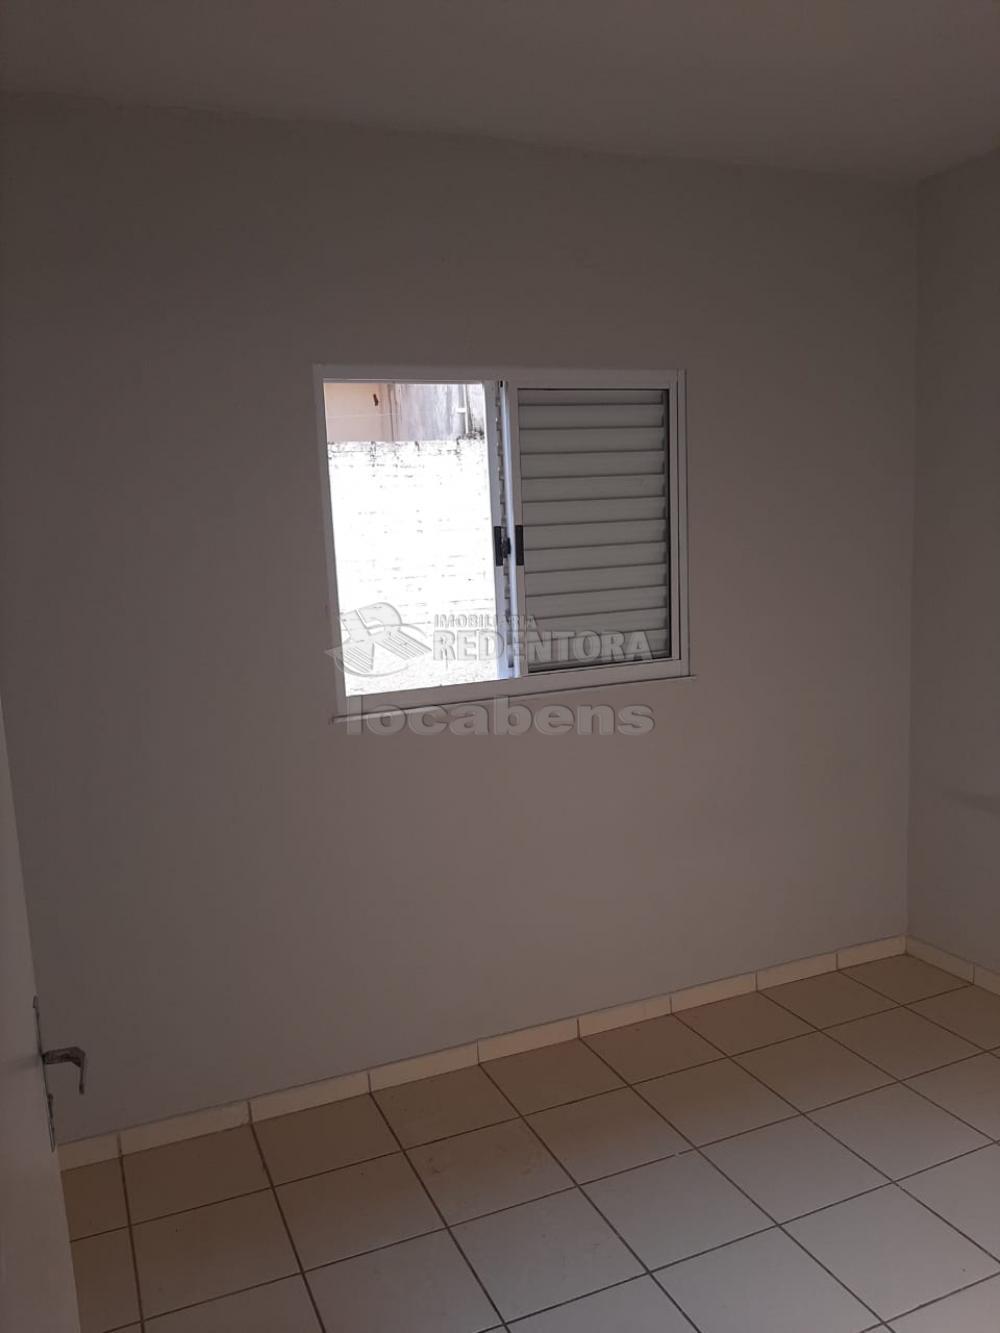 Alugar Casa / Padrão em São José do Rio Preto apenas R$ 650,00 - Foto 3